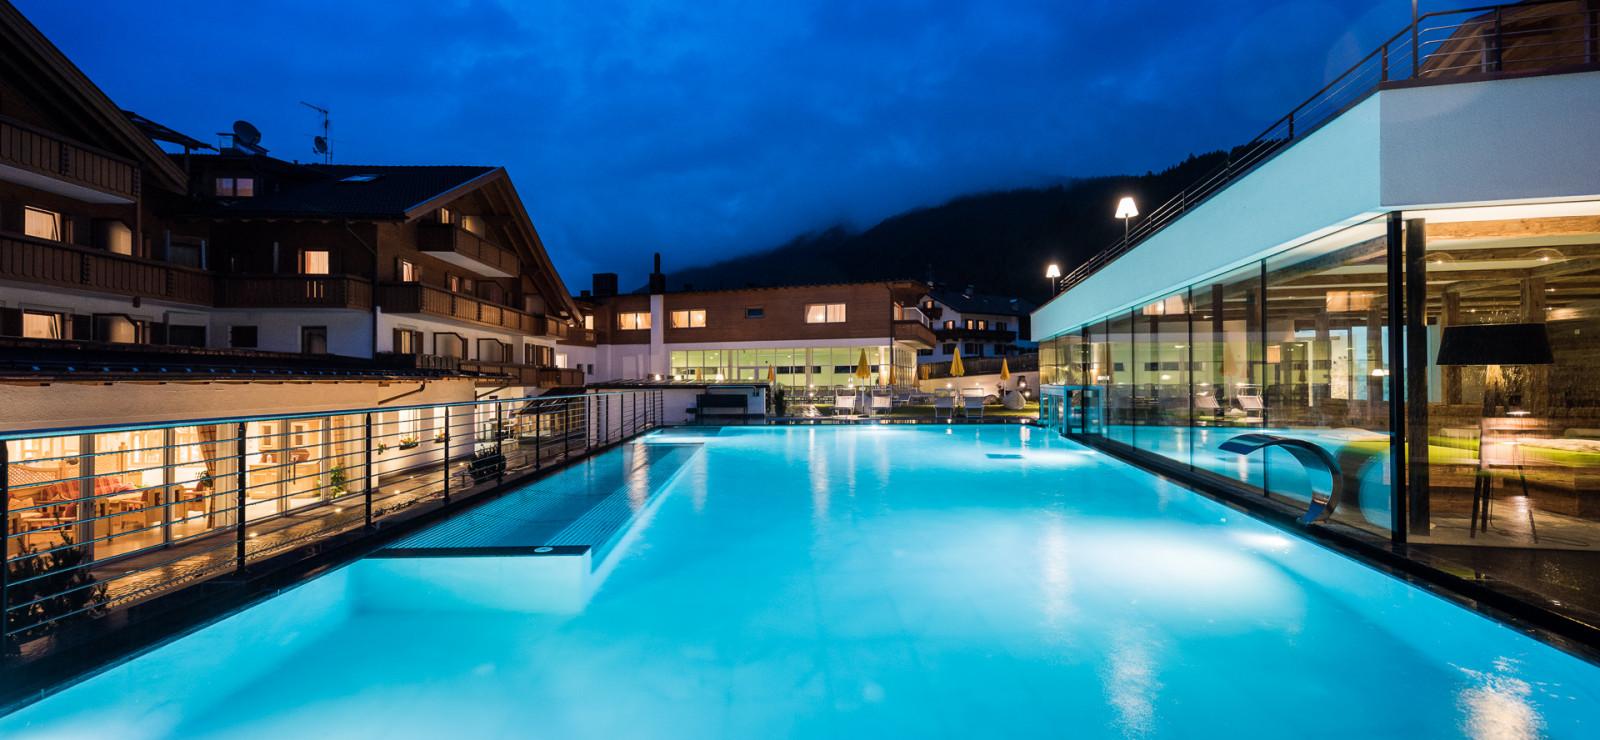 Alpine Nature Hotel Stoll Bilder | Bild 1